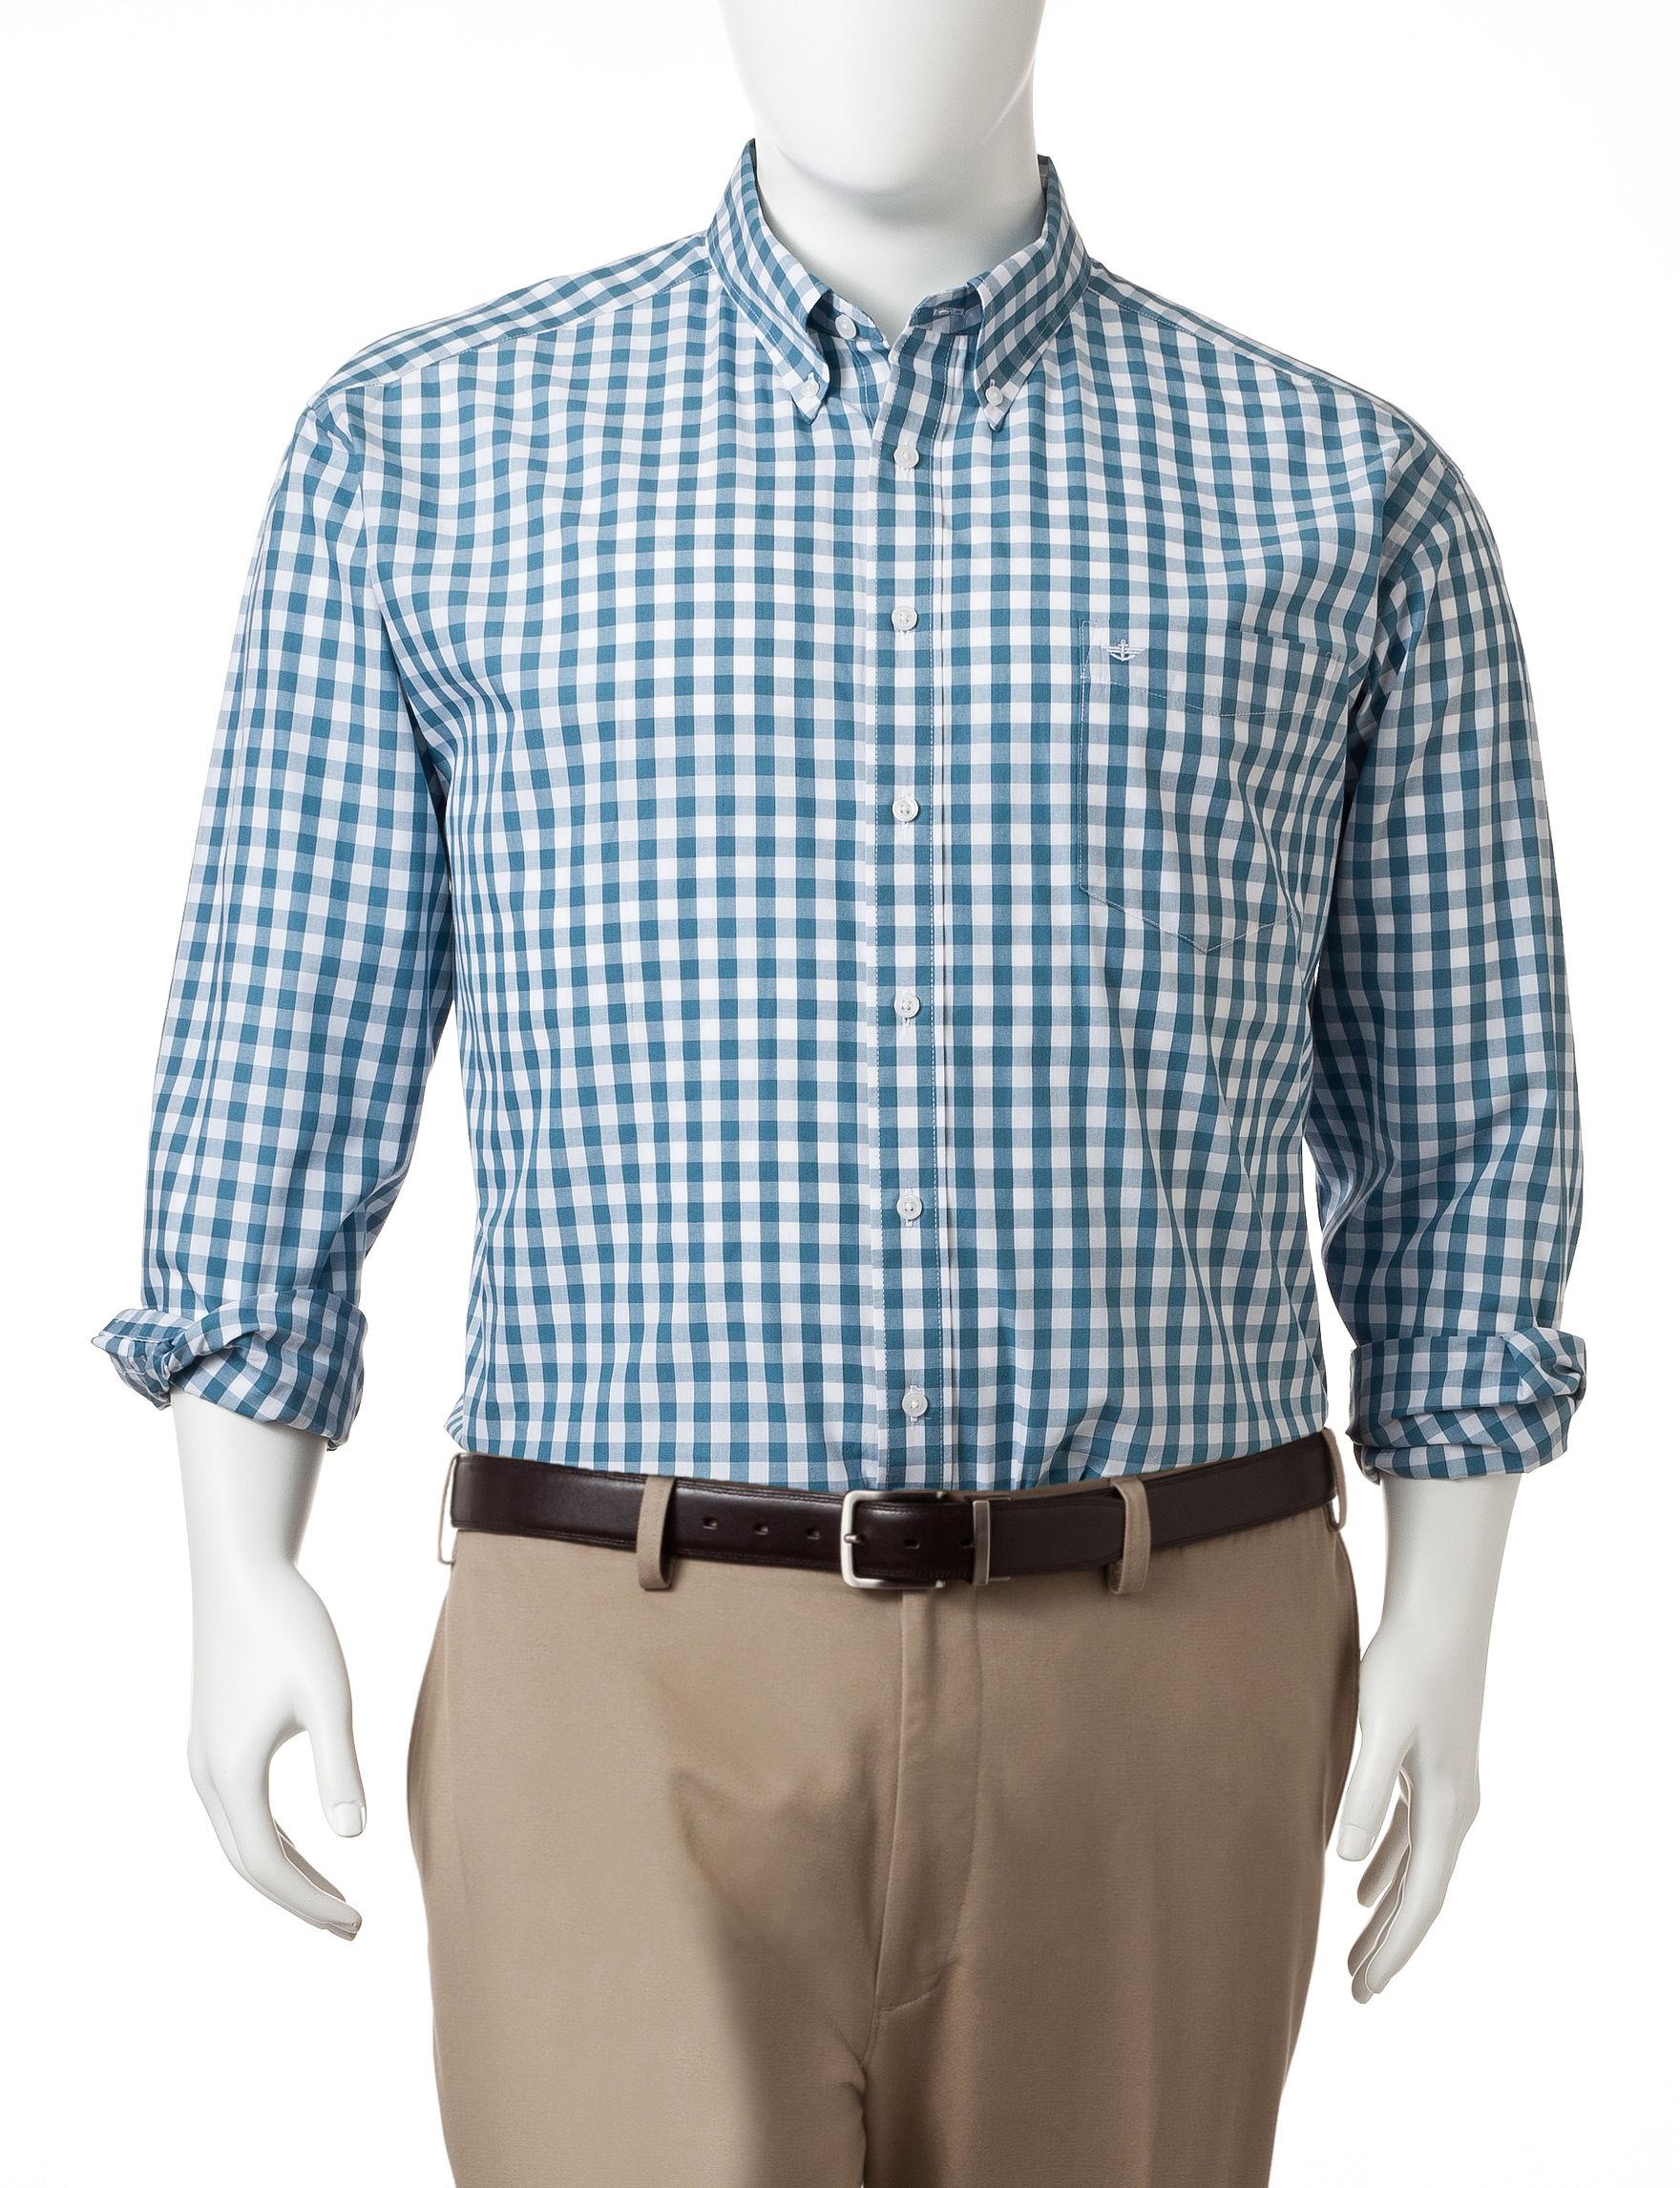 Dockers Bernadino Blue Casual Button Down Shirts